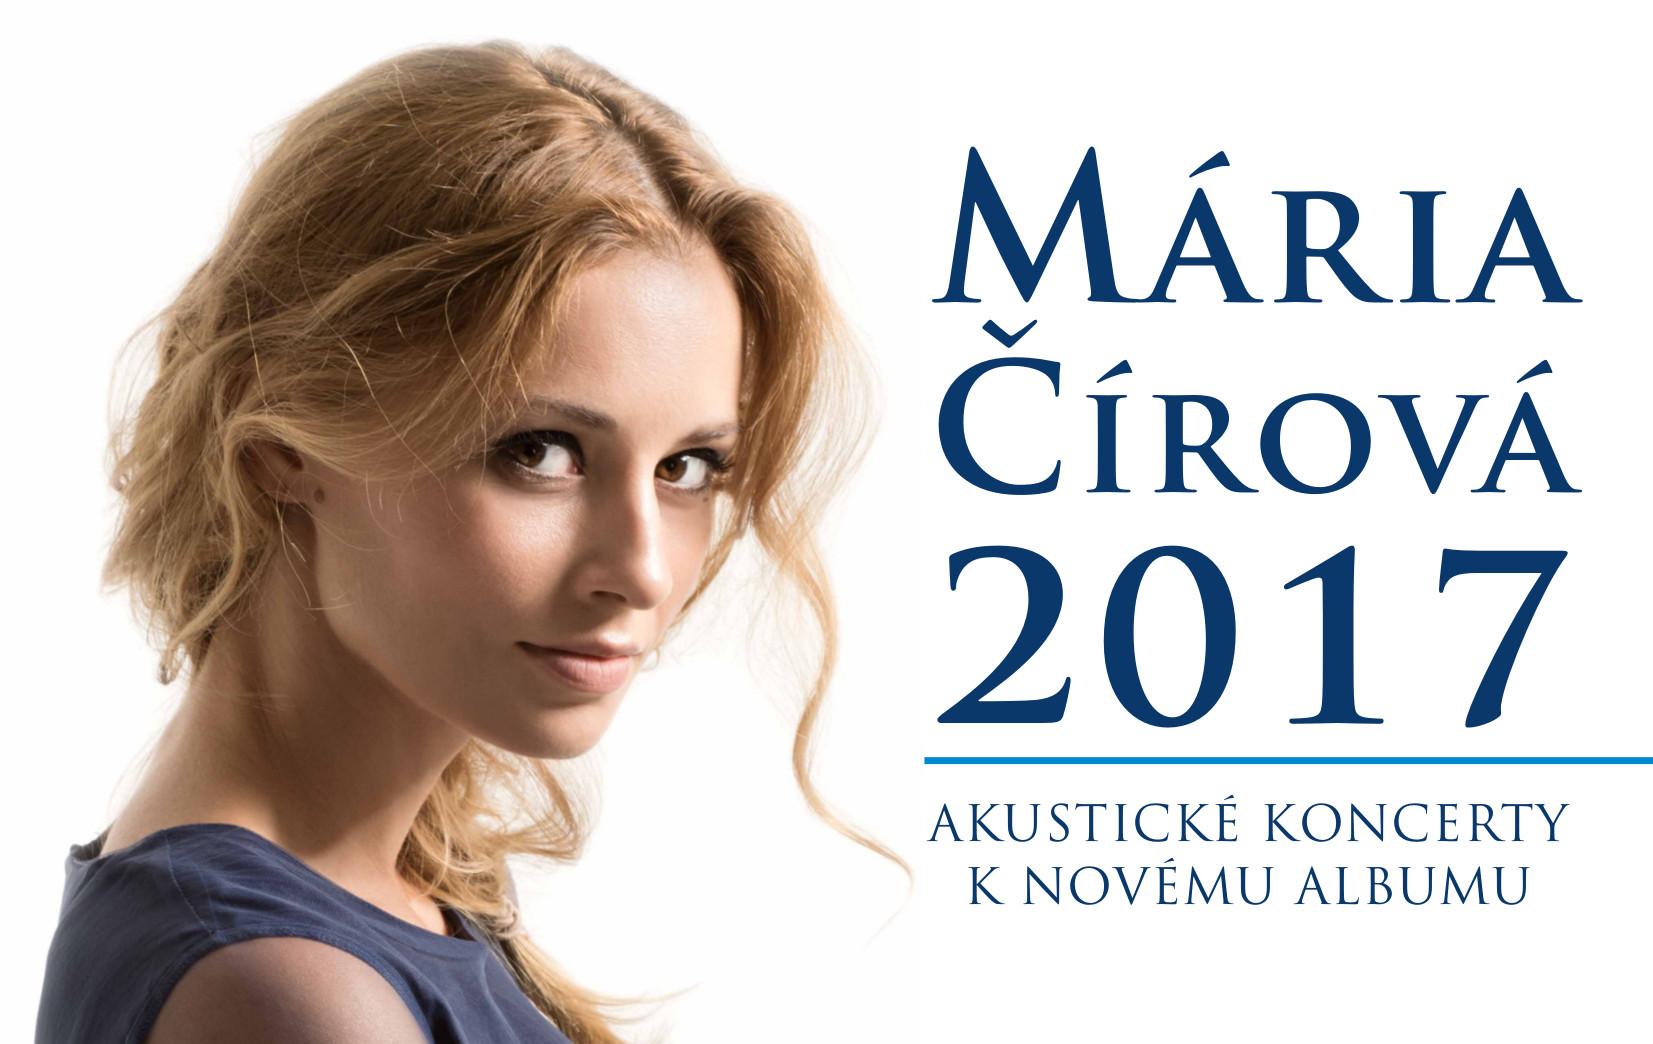 68a6e7e6a1 MÁRIA ČÍROVÁ  2017 Akustický koncert k novému albumu v Žiline